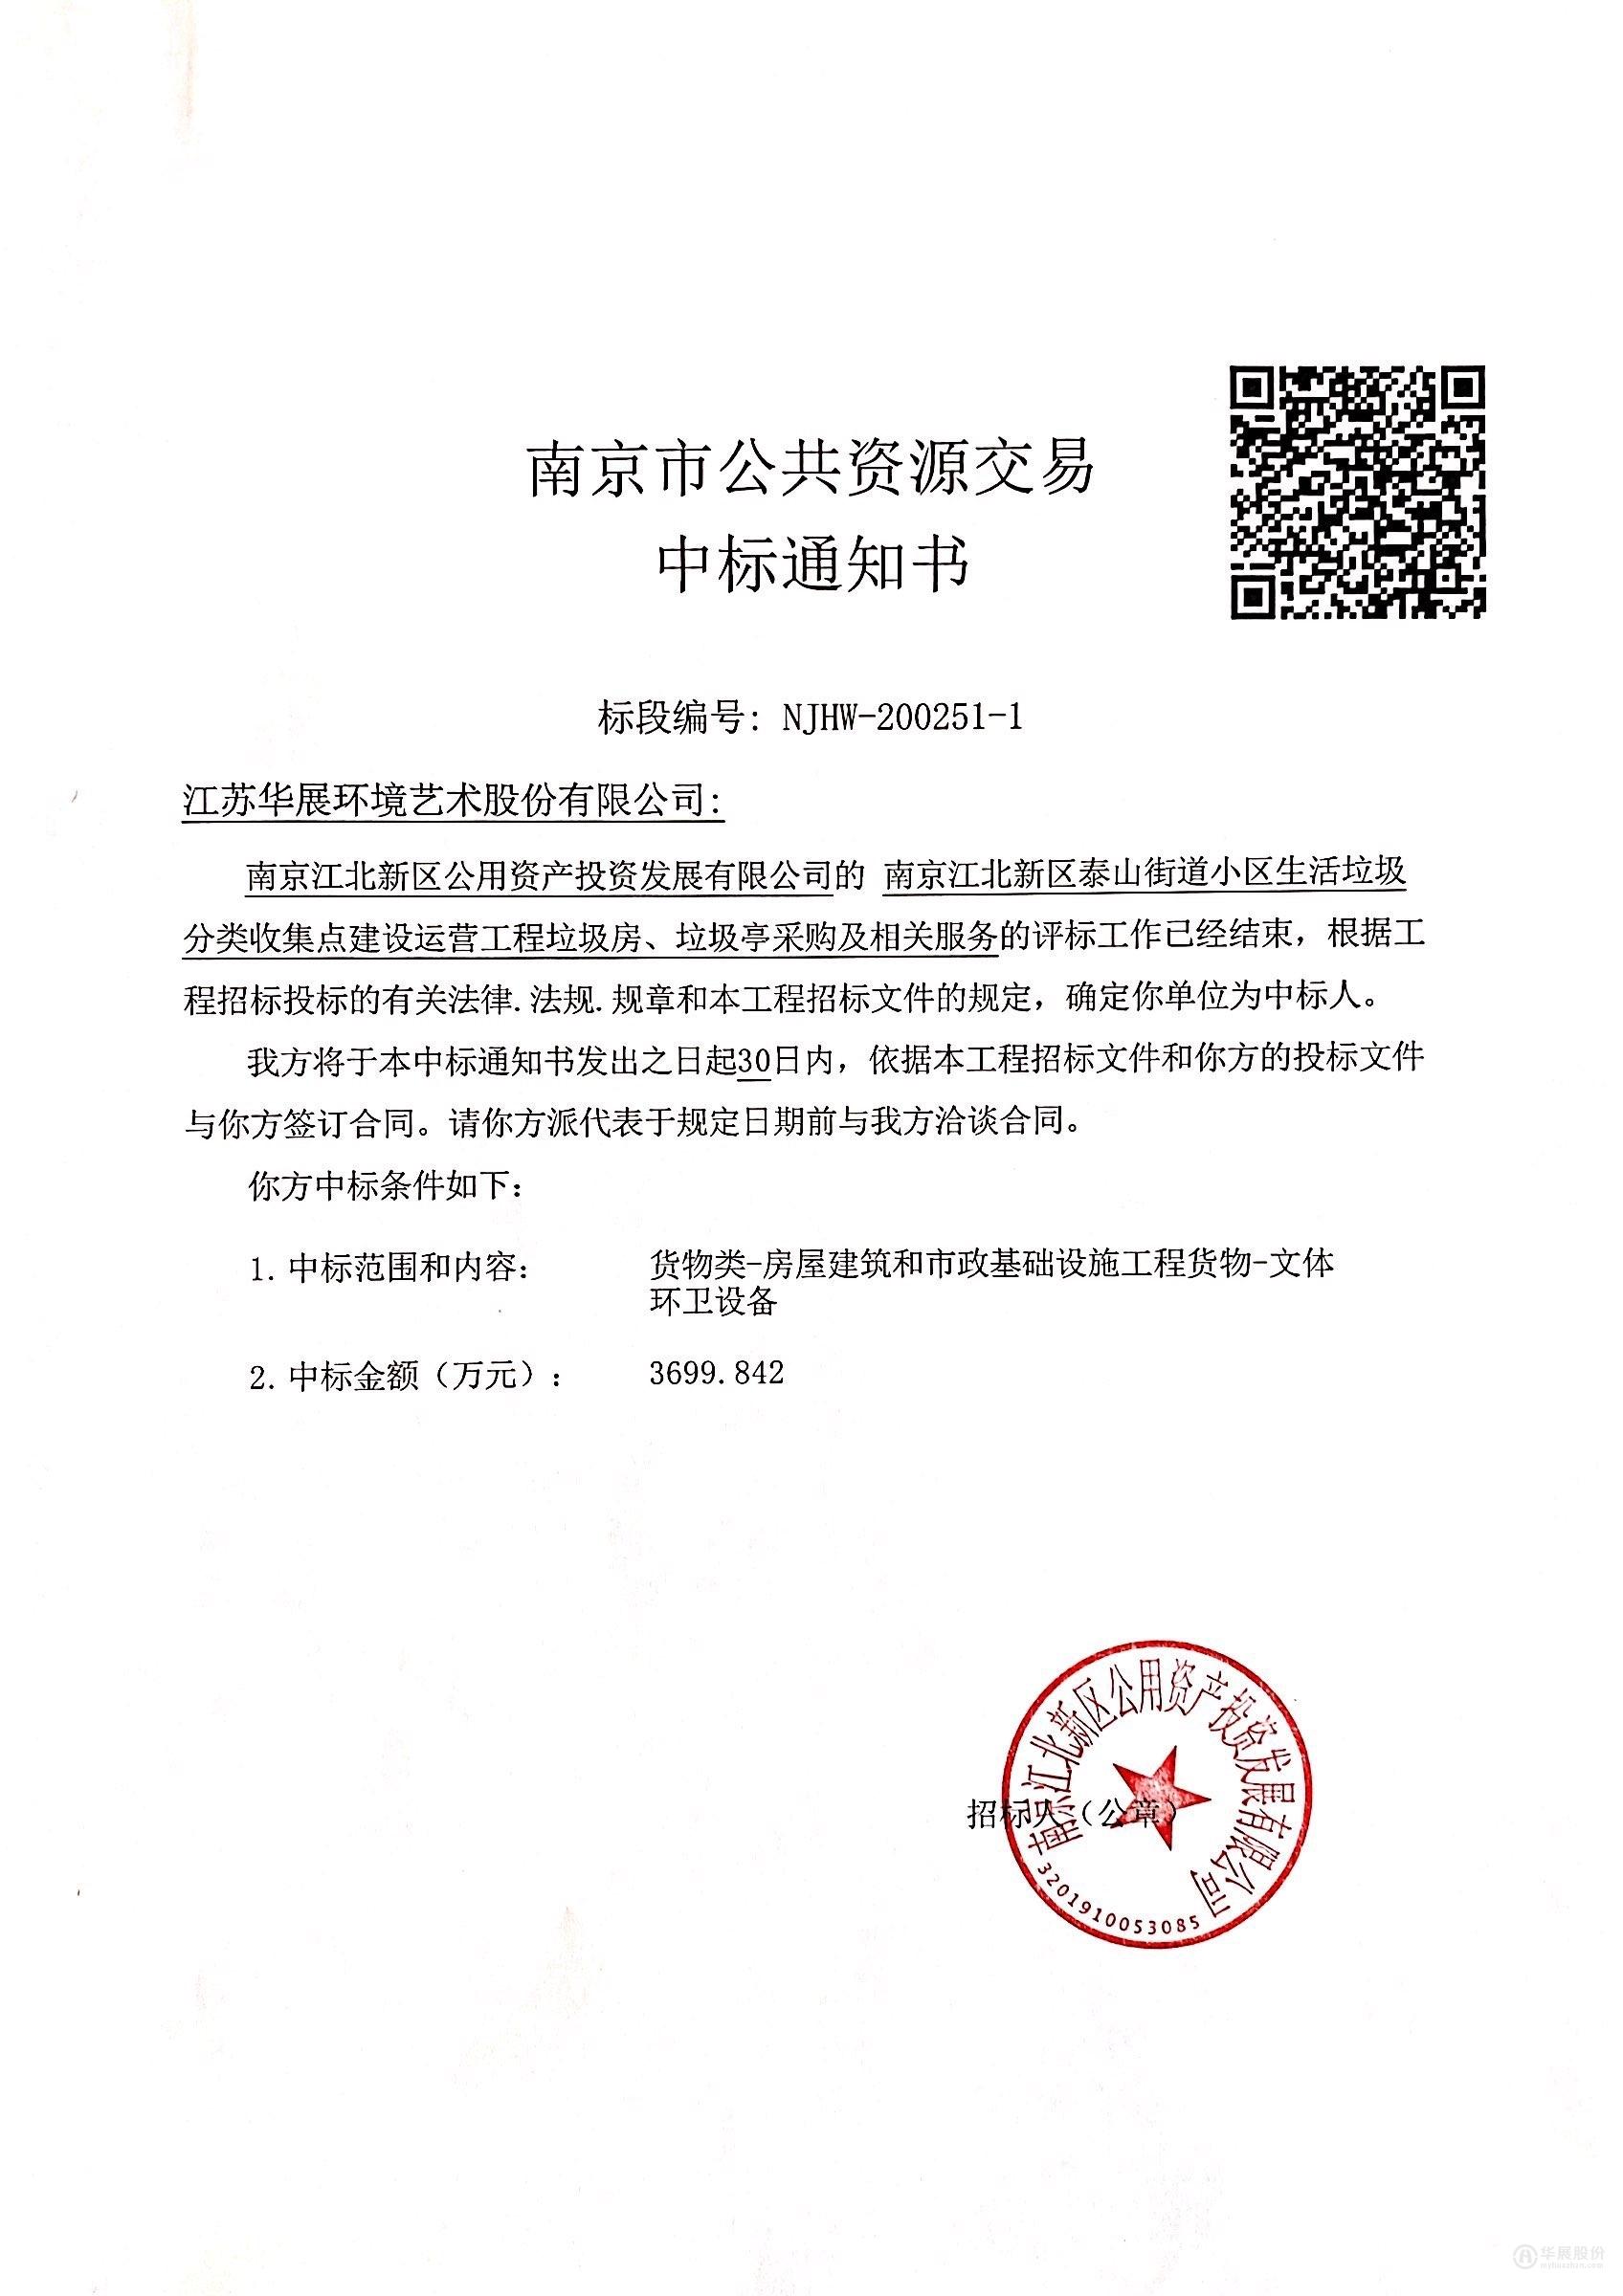 江苏华展环境艺术股份有限公司中标通知书